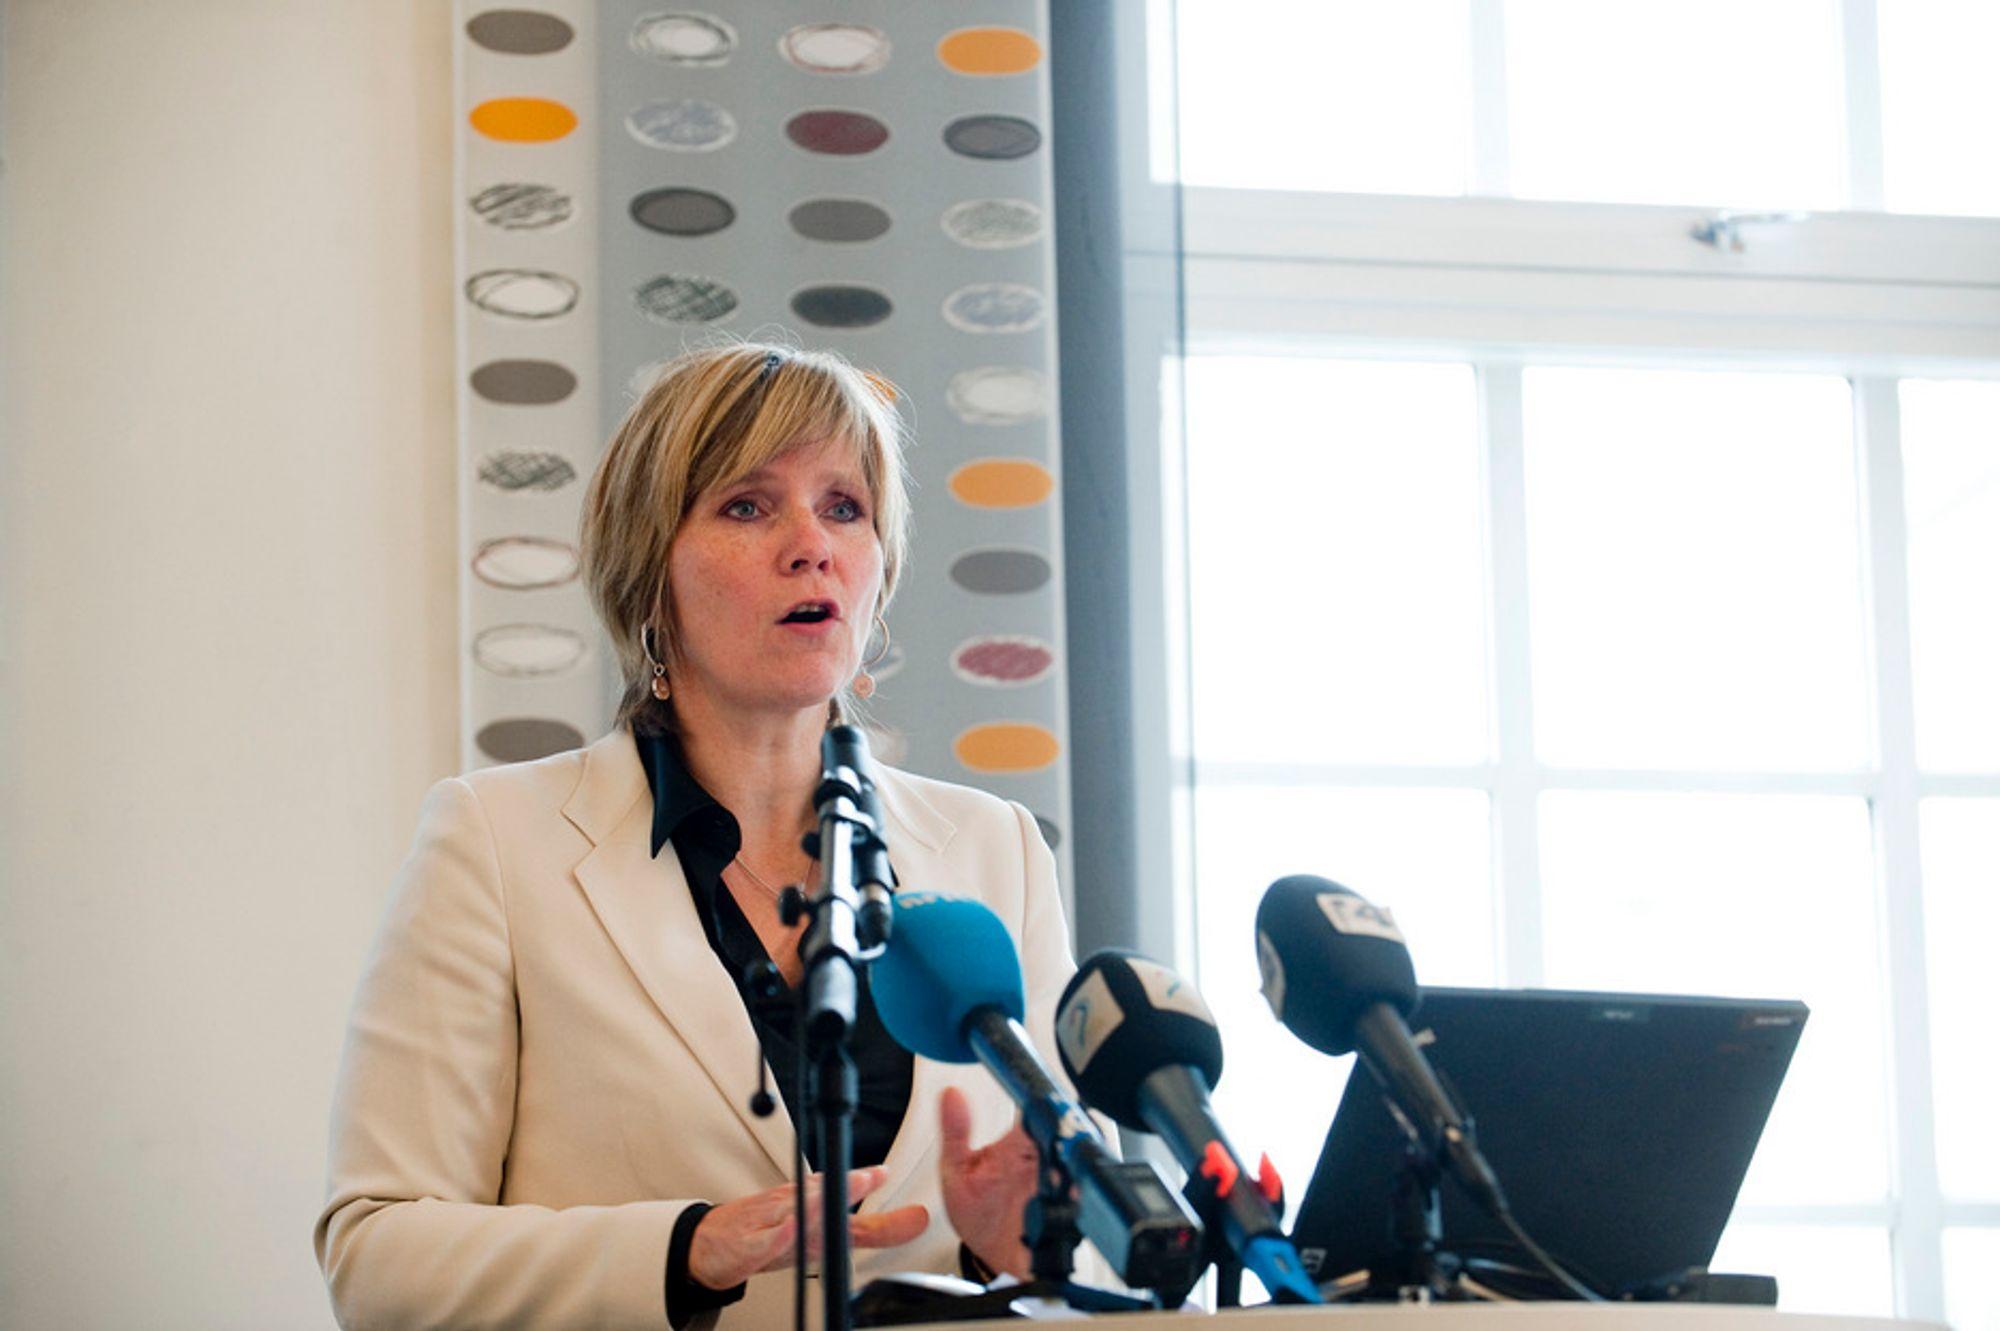 Konkurransedirektør Christine B. Meyer under pressekonferansen i asfaltsaken 17. oktober der hun kunngjør at Veidekke vil slippe å betale et gebyr på 270 millioner kroner mens NCC må betale et gebyr på 165 millioner.